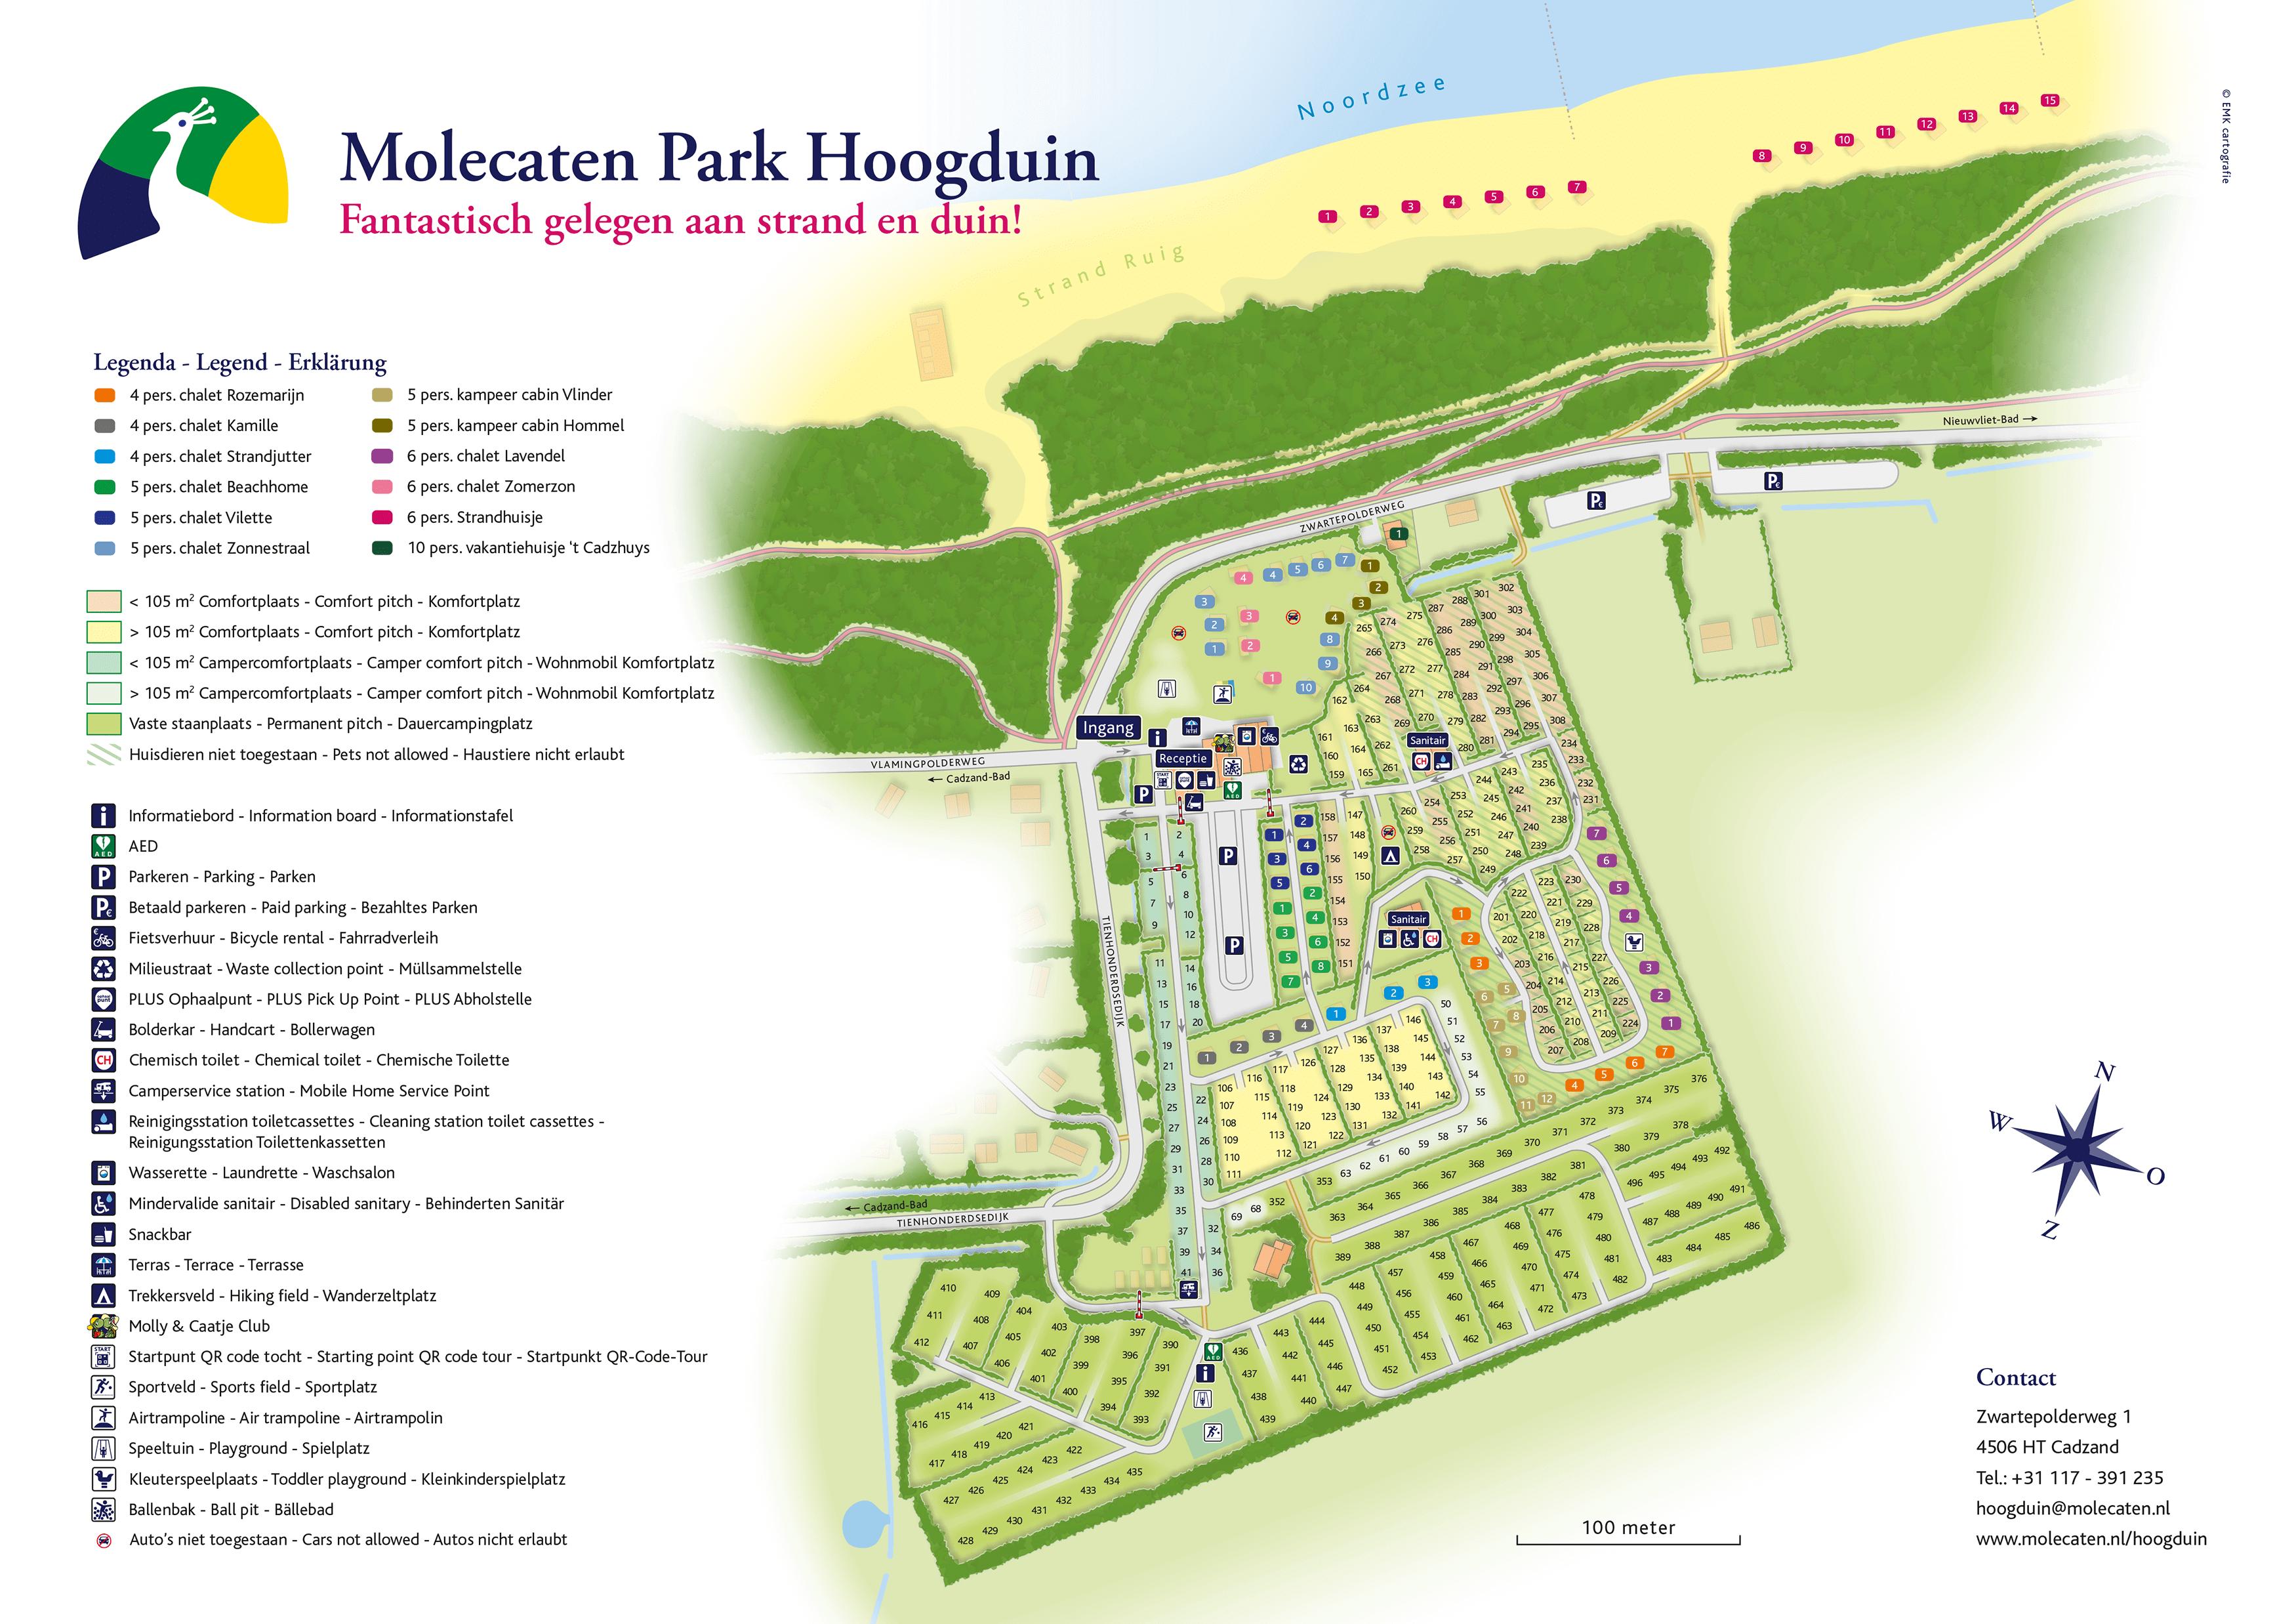 Molecaten Park Hoogduin accommodation.parkmap.alttext